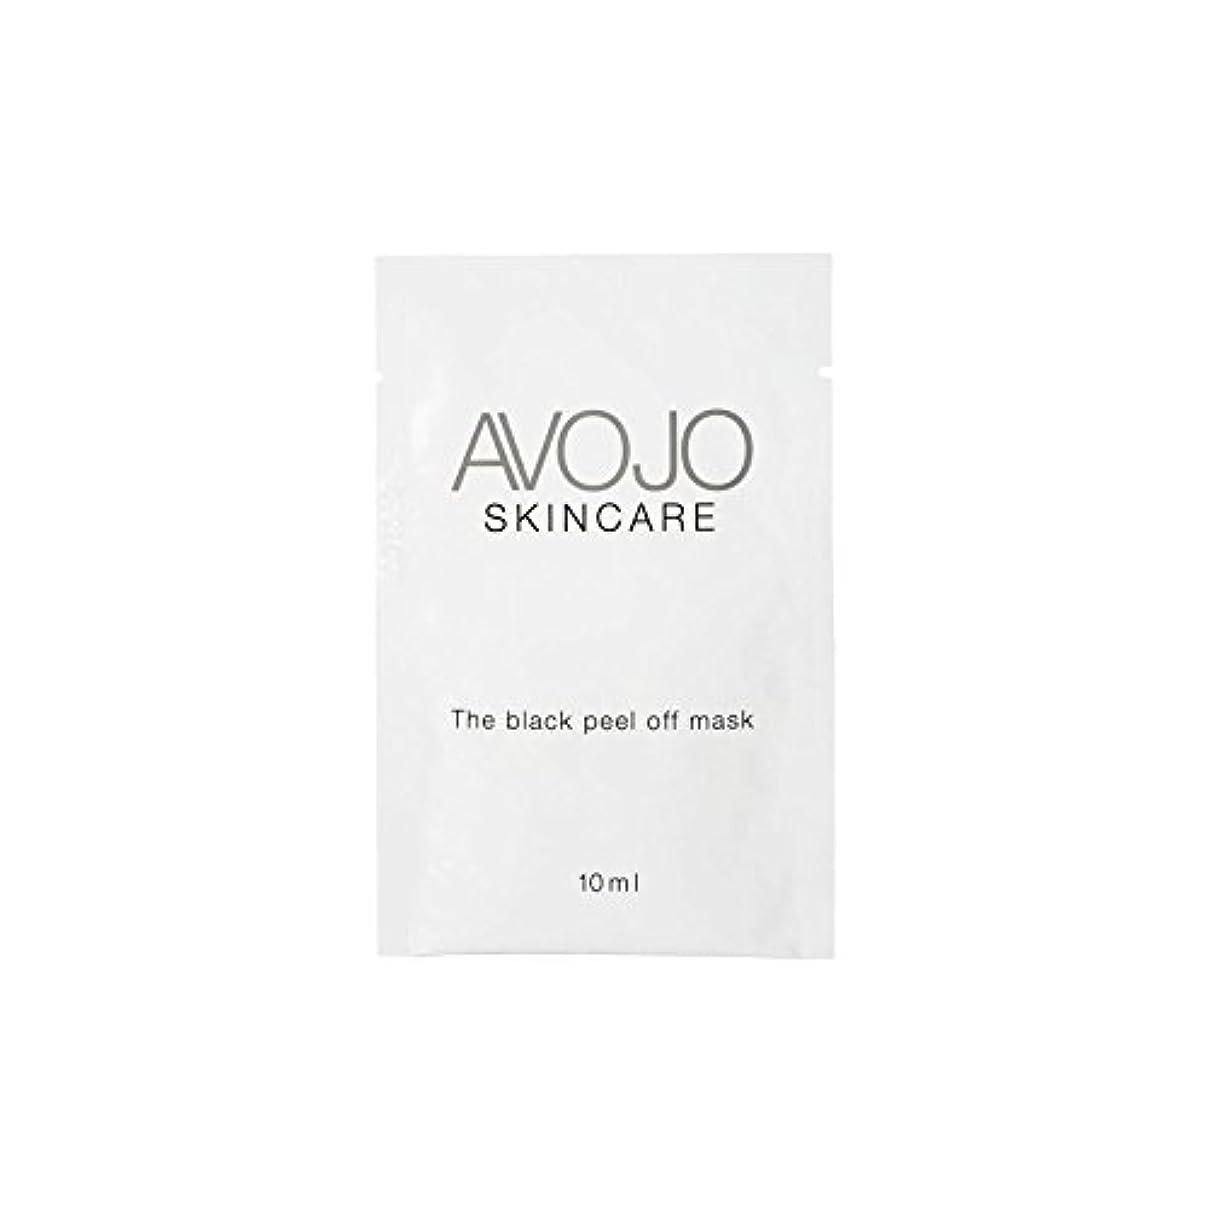 自分の力ですべてをする合唱団高齢者- ブラックピールオフマスク - 小袋(10ミリリットル×4) x4 - Avojo - The Black Peel Off Mask - Sachet (10ml X 4) (Pack of 4) [並行輸入品]